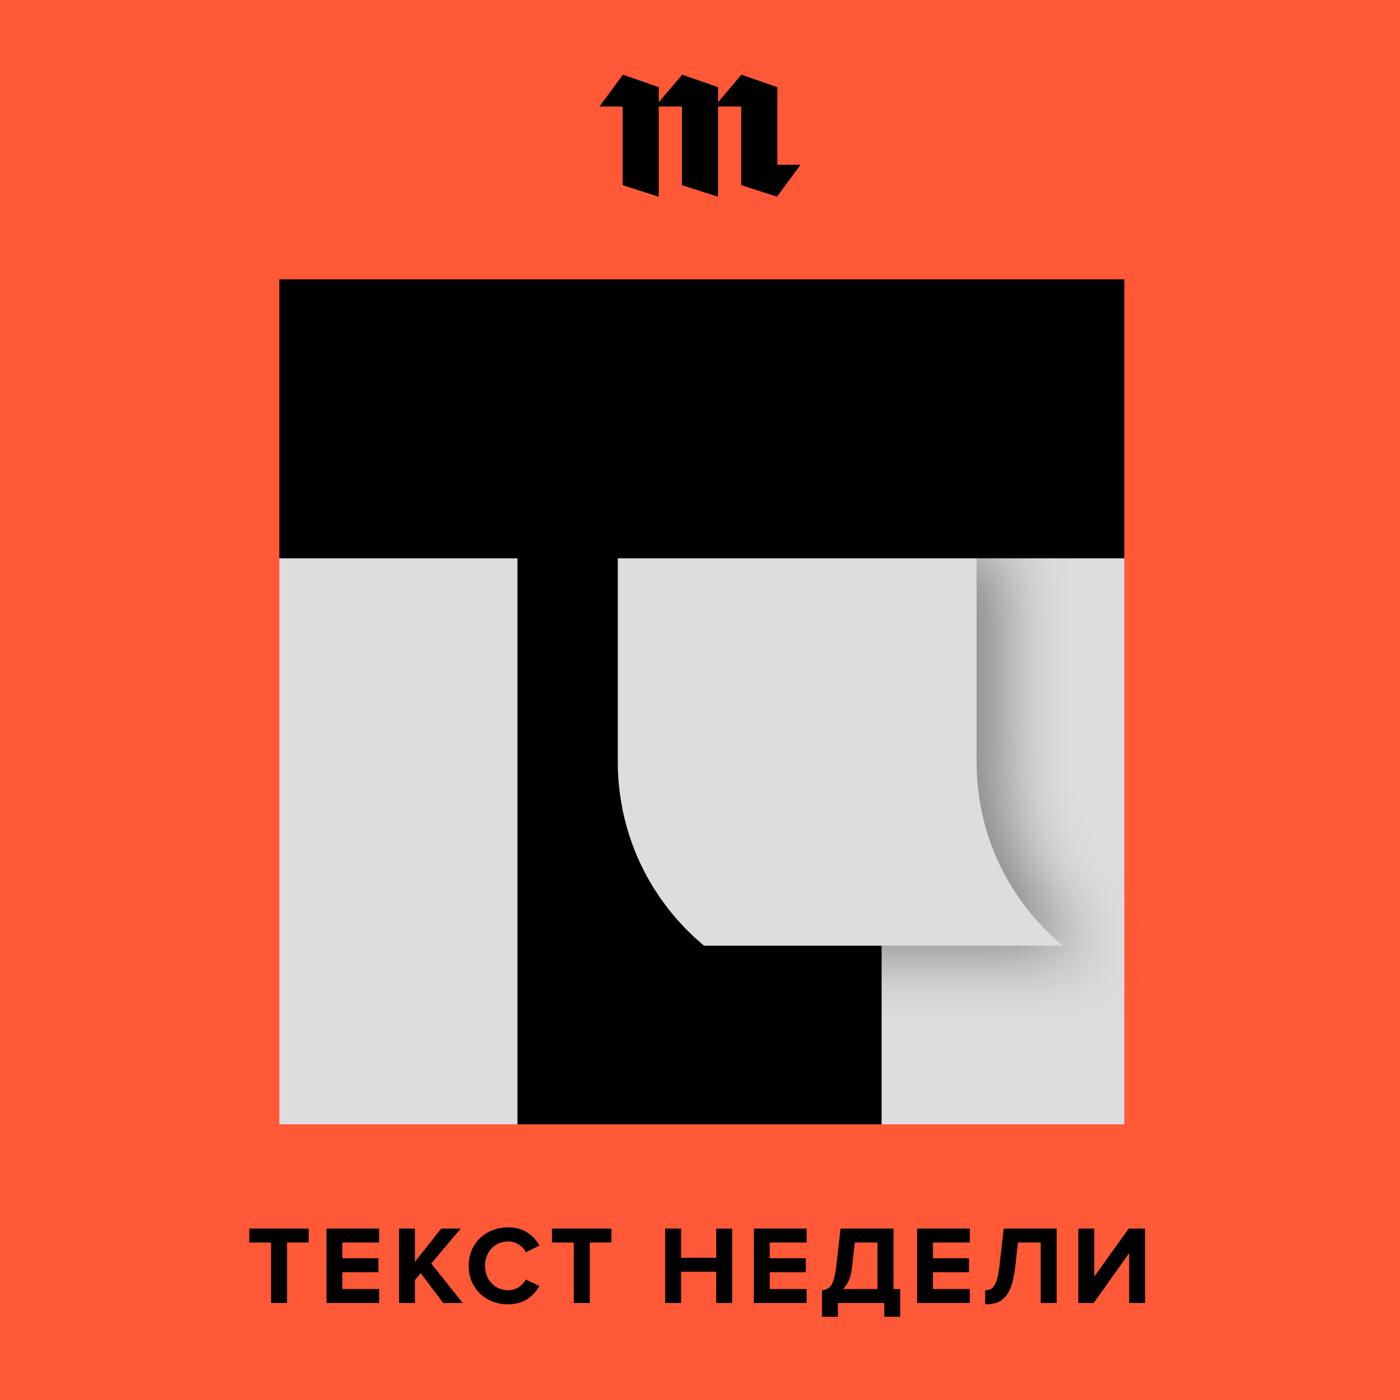 Айлика Кремер Как узнать, сколько стоят «фужеры» Собянина? Расследования «Медузы» изнутри узнать стоимость авиабилетов